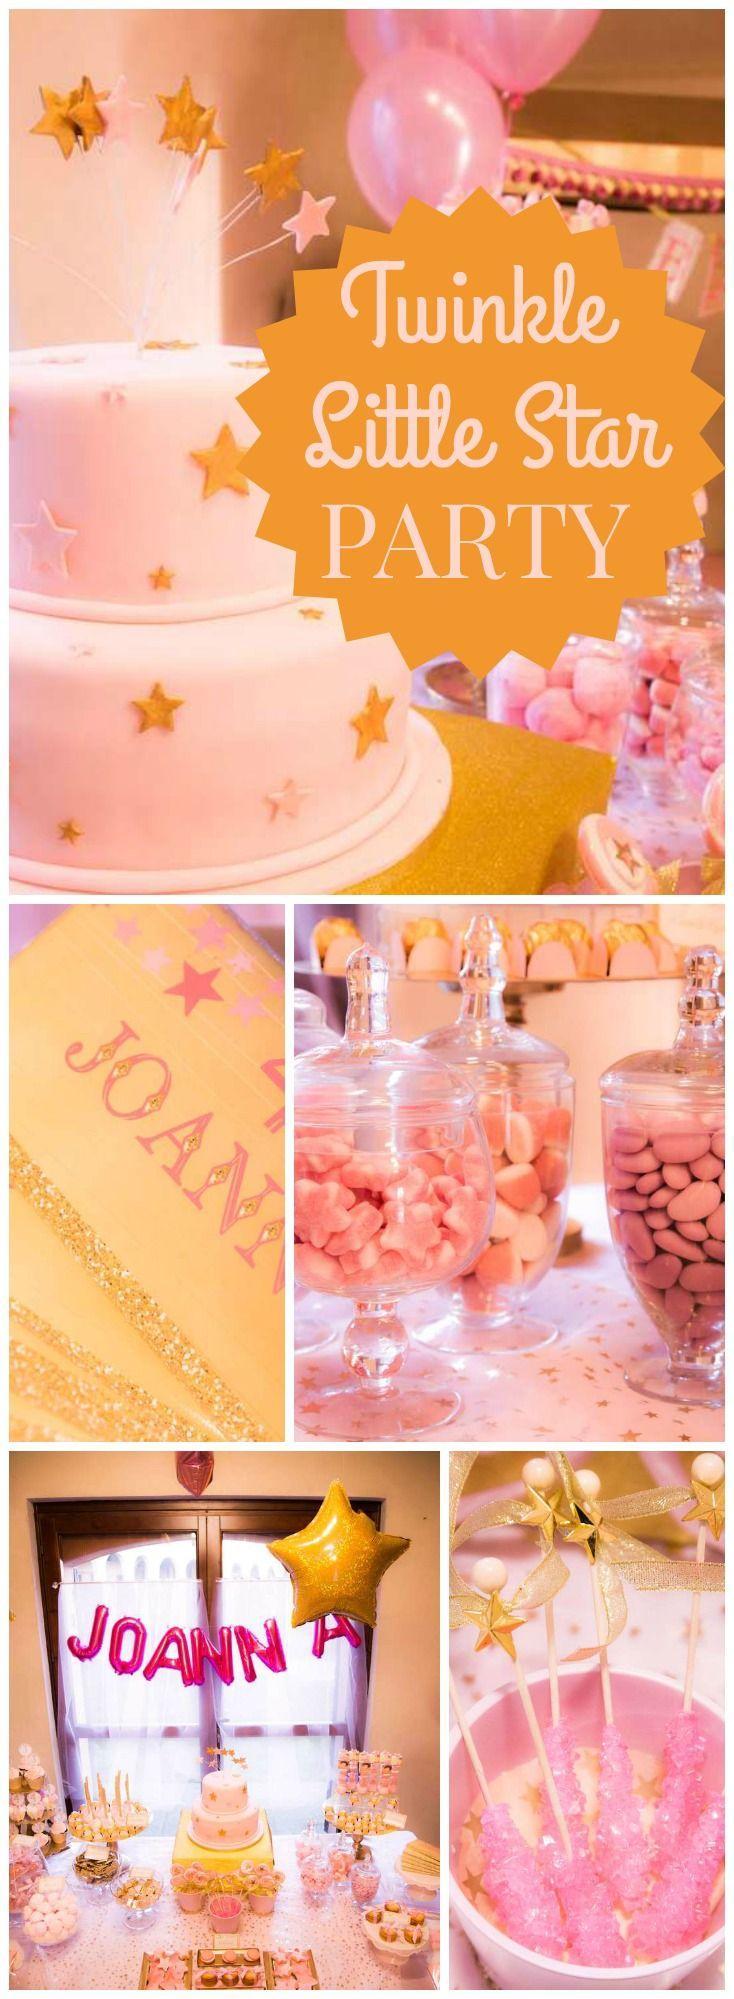 """Свадьба - Twinkle Twinkle Little Star / Birthday """"Joanna's Twinkle Twinkle Little Star Party"""""""